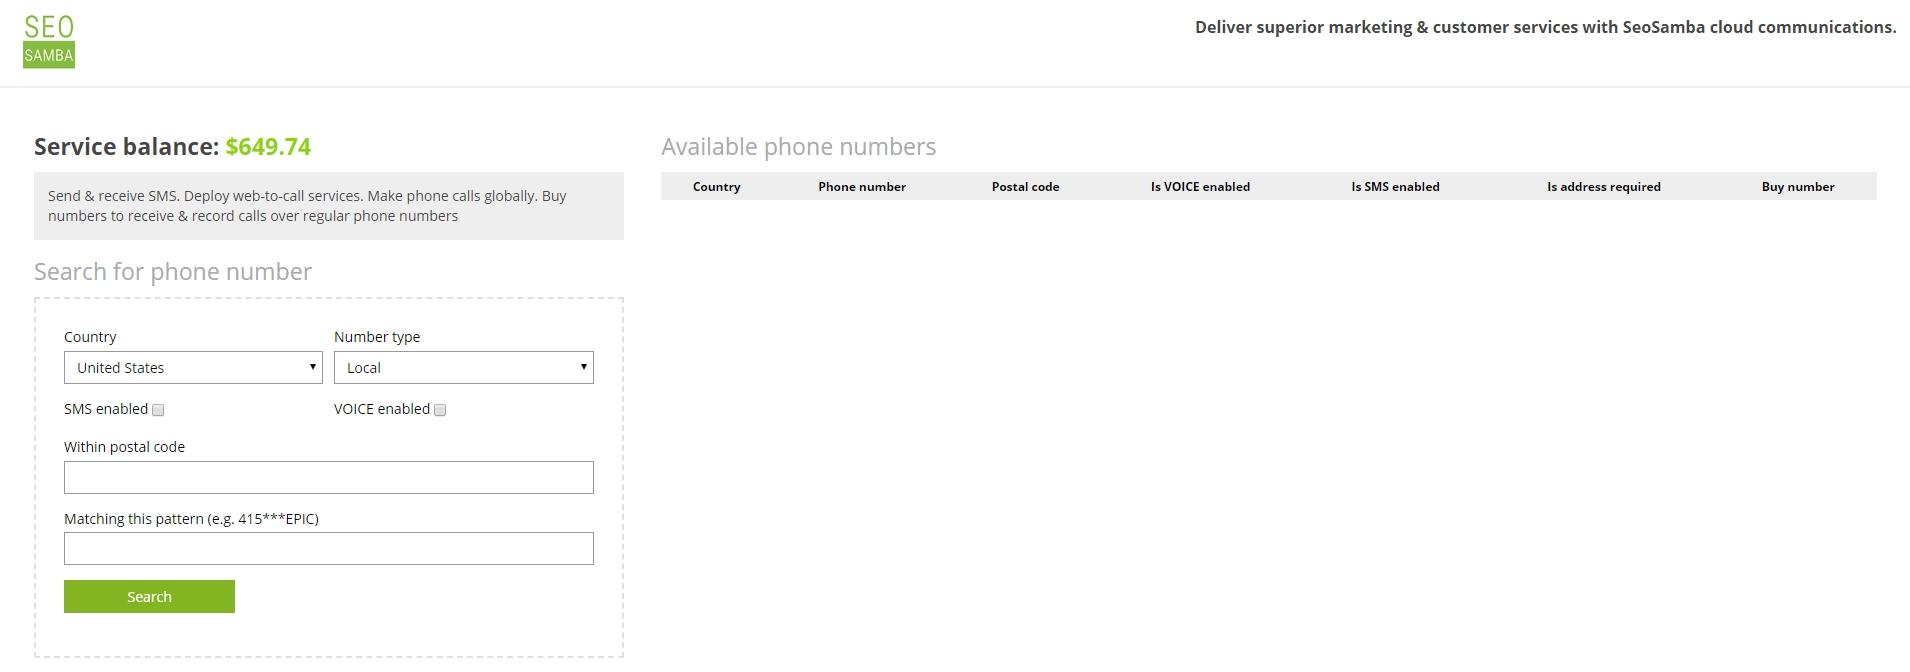 searchforaphonenumberwithdesiredoptions